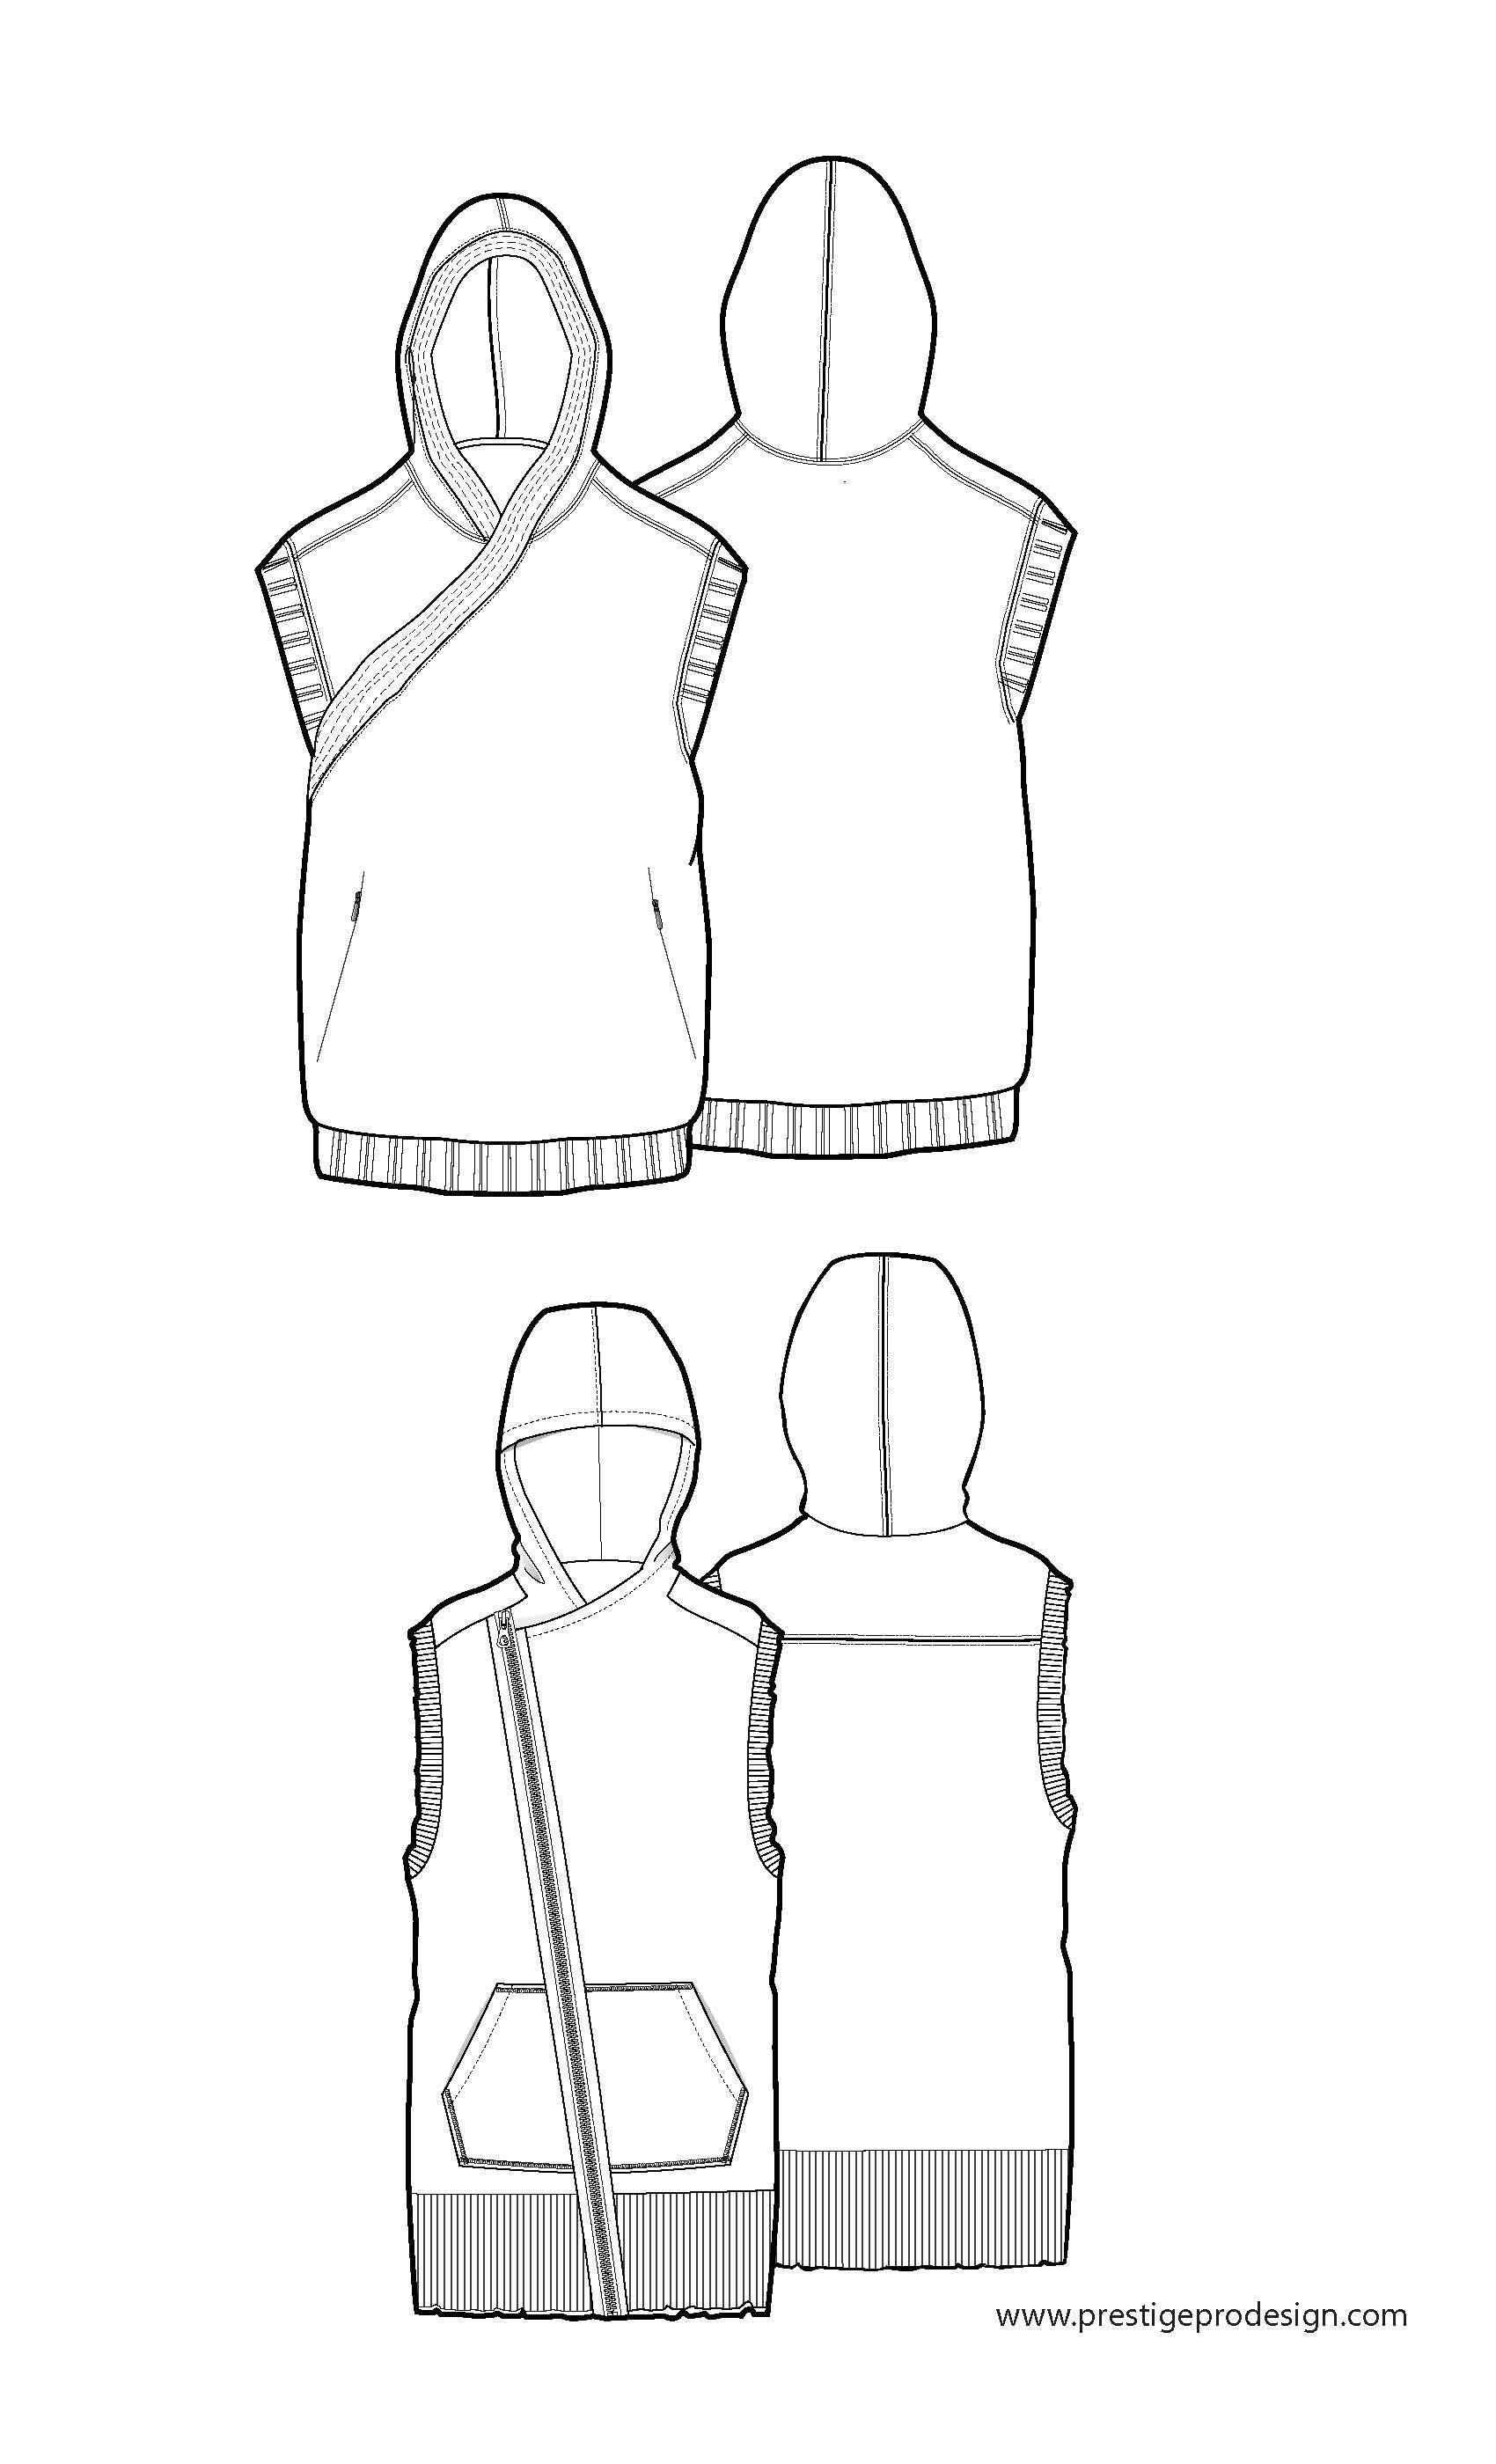 Sleeveless, hooded | построение | Pinterest | Männer kleidung ...